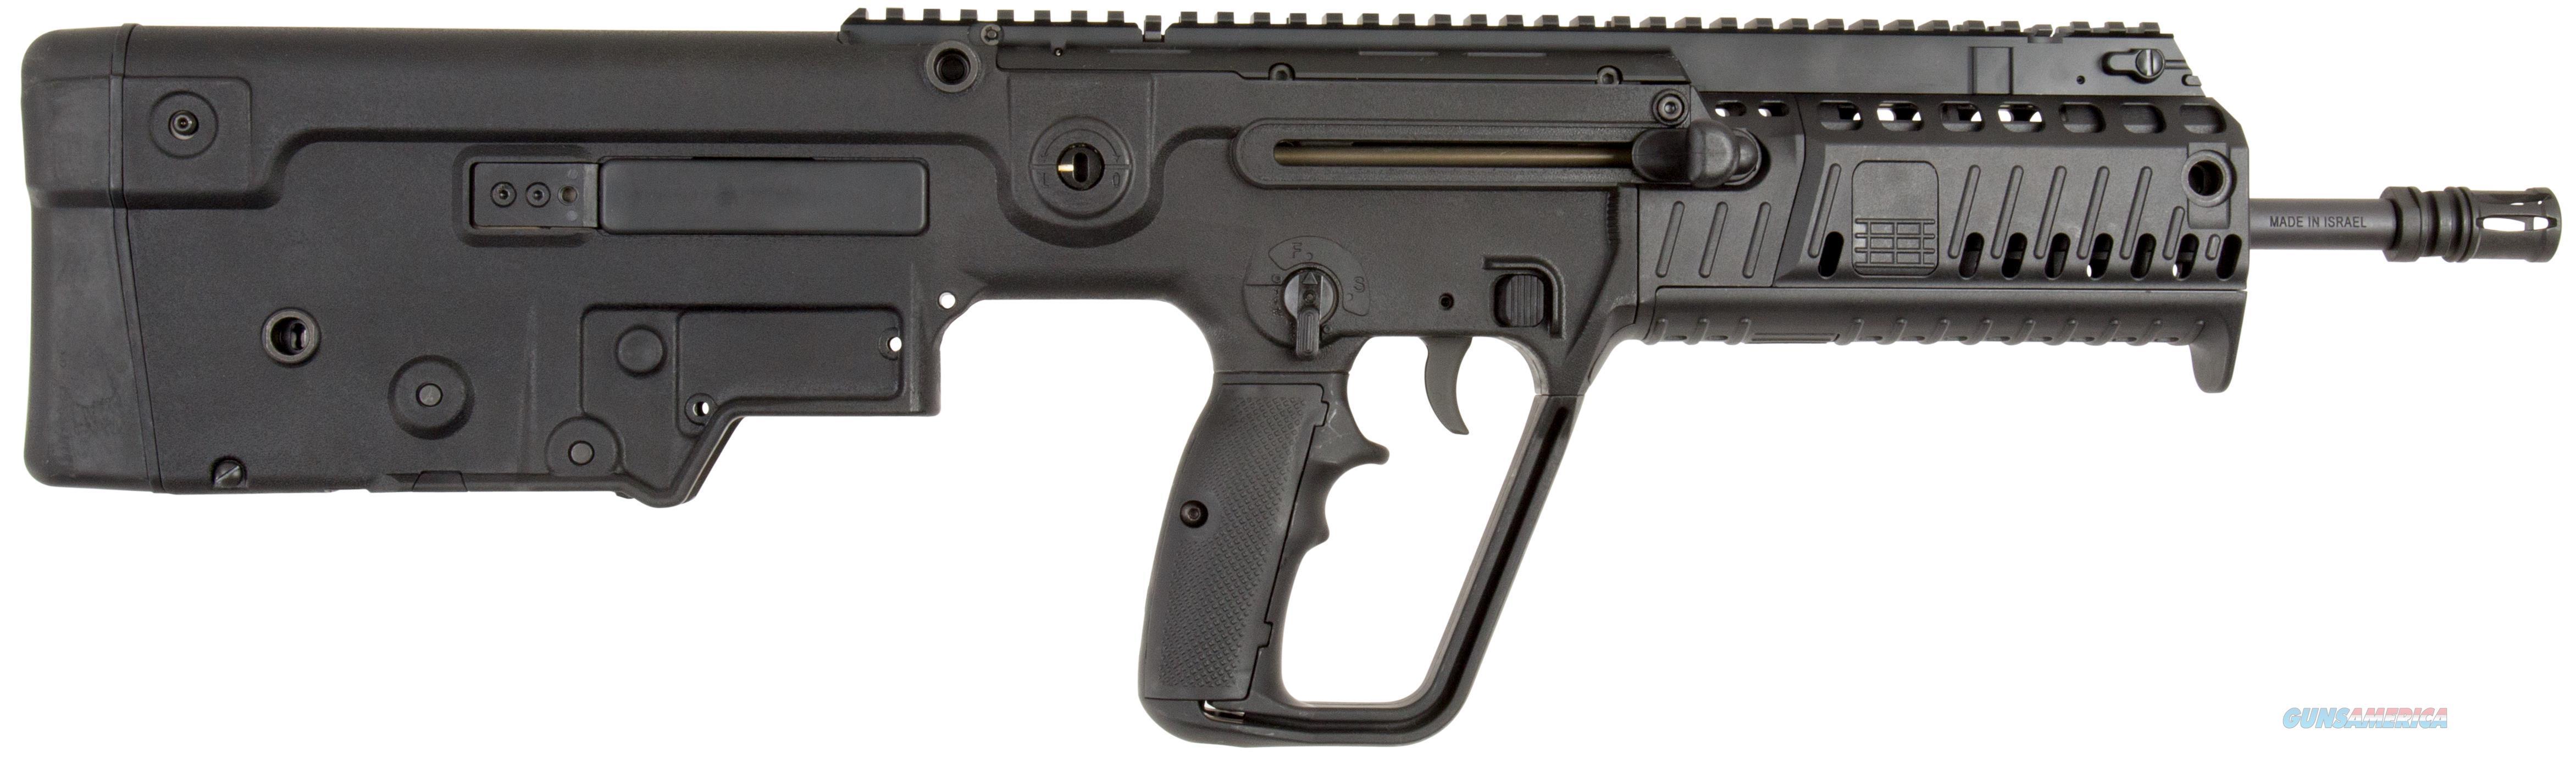 """Iwi Us Xb16l Tavor X95 Semi-Automatic 223 Remington/5.56 Nato 16.5"""" 30+1 Polymer Black Stk Black XB16L  Guns > Rifles > IJ Misc Rifles"""